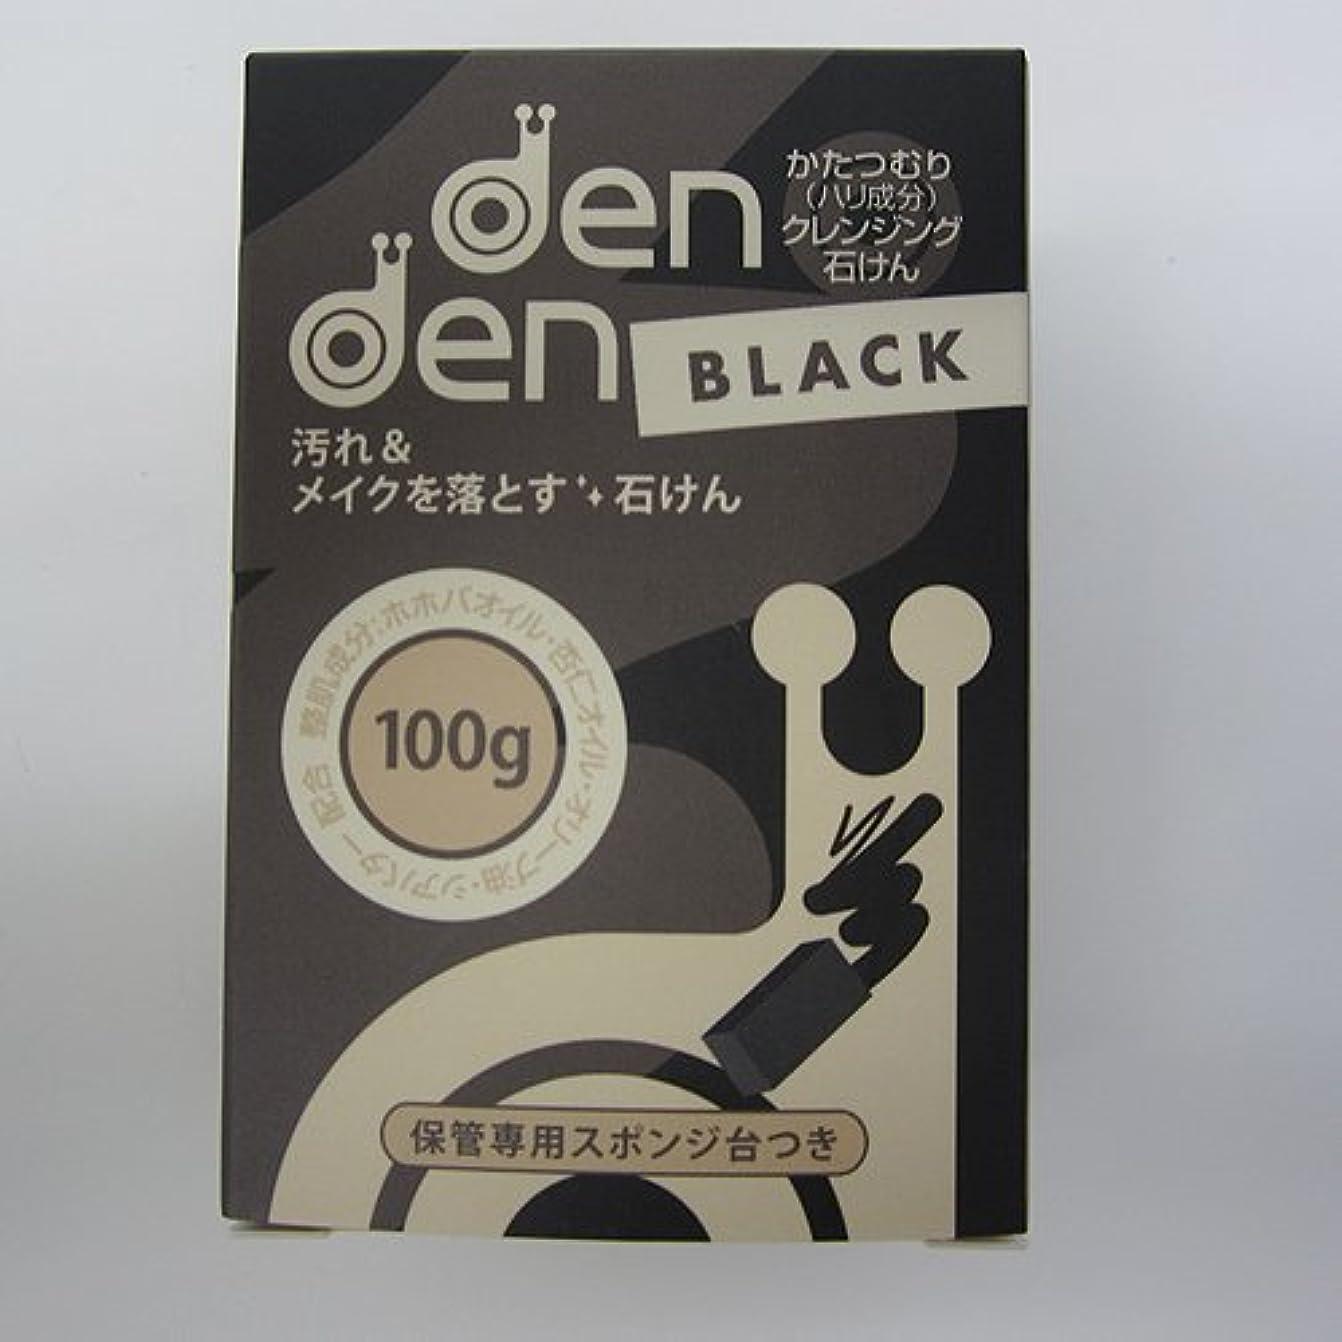 ボイコットアルネ人差し指DenDen かたつむりクレンジング石けん デンデンブラック